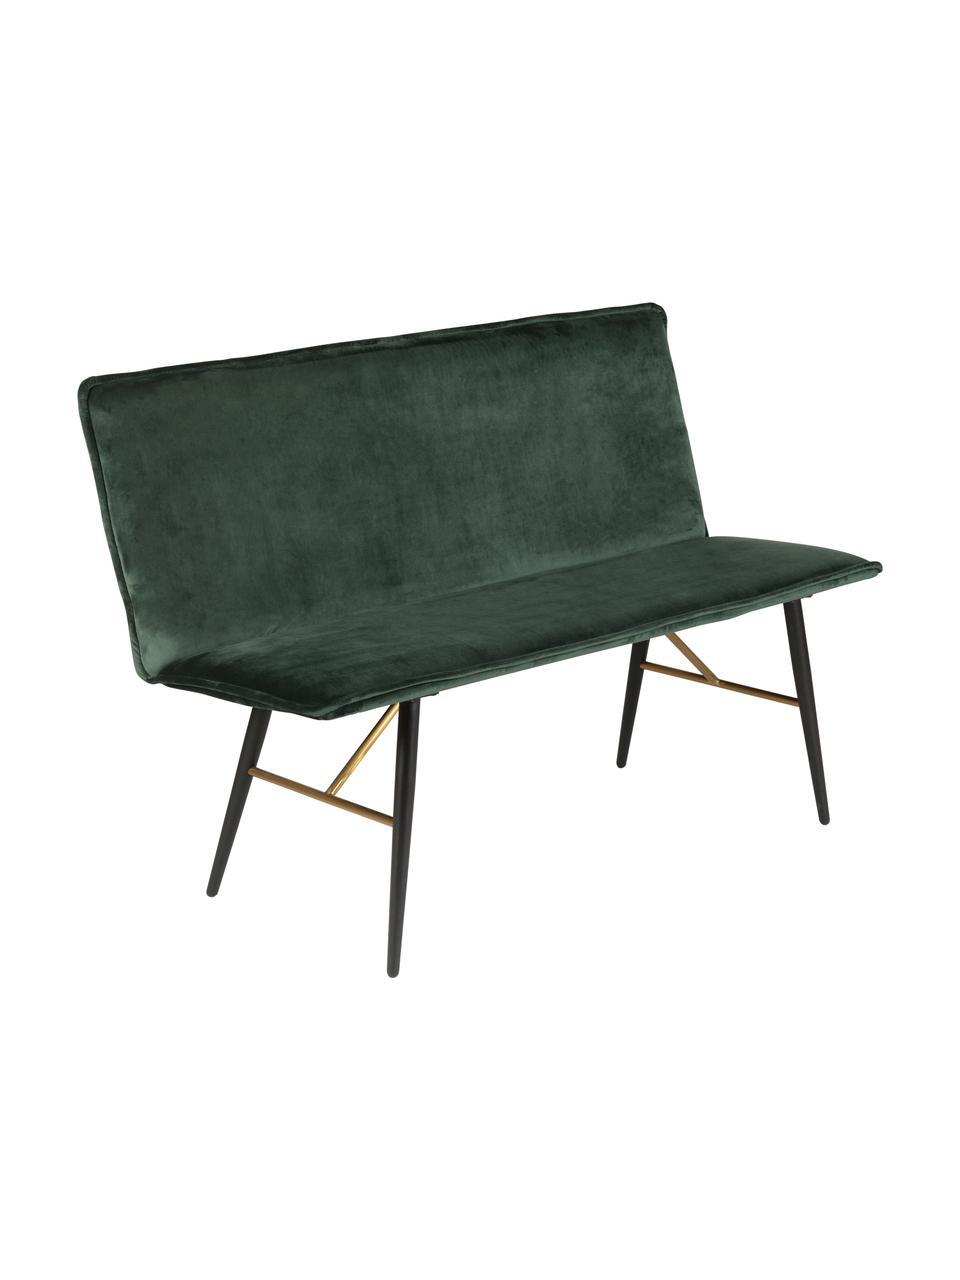 Moderne Samt-Sitzbank Verona mit Lehne, Bezug: Polyestersamt 45.000 Sche, Grün, Schwarz, B 134 x T 55 cm